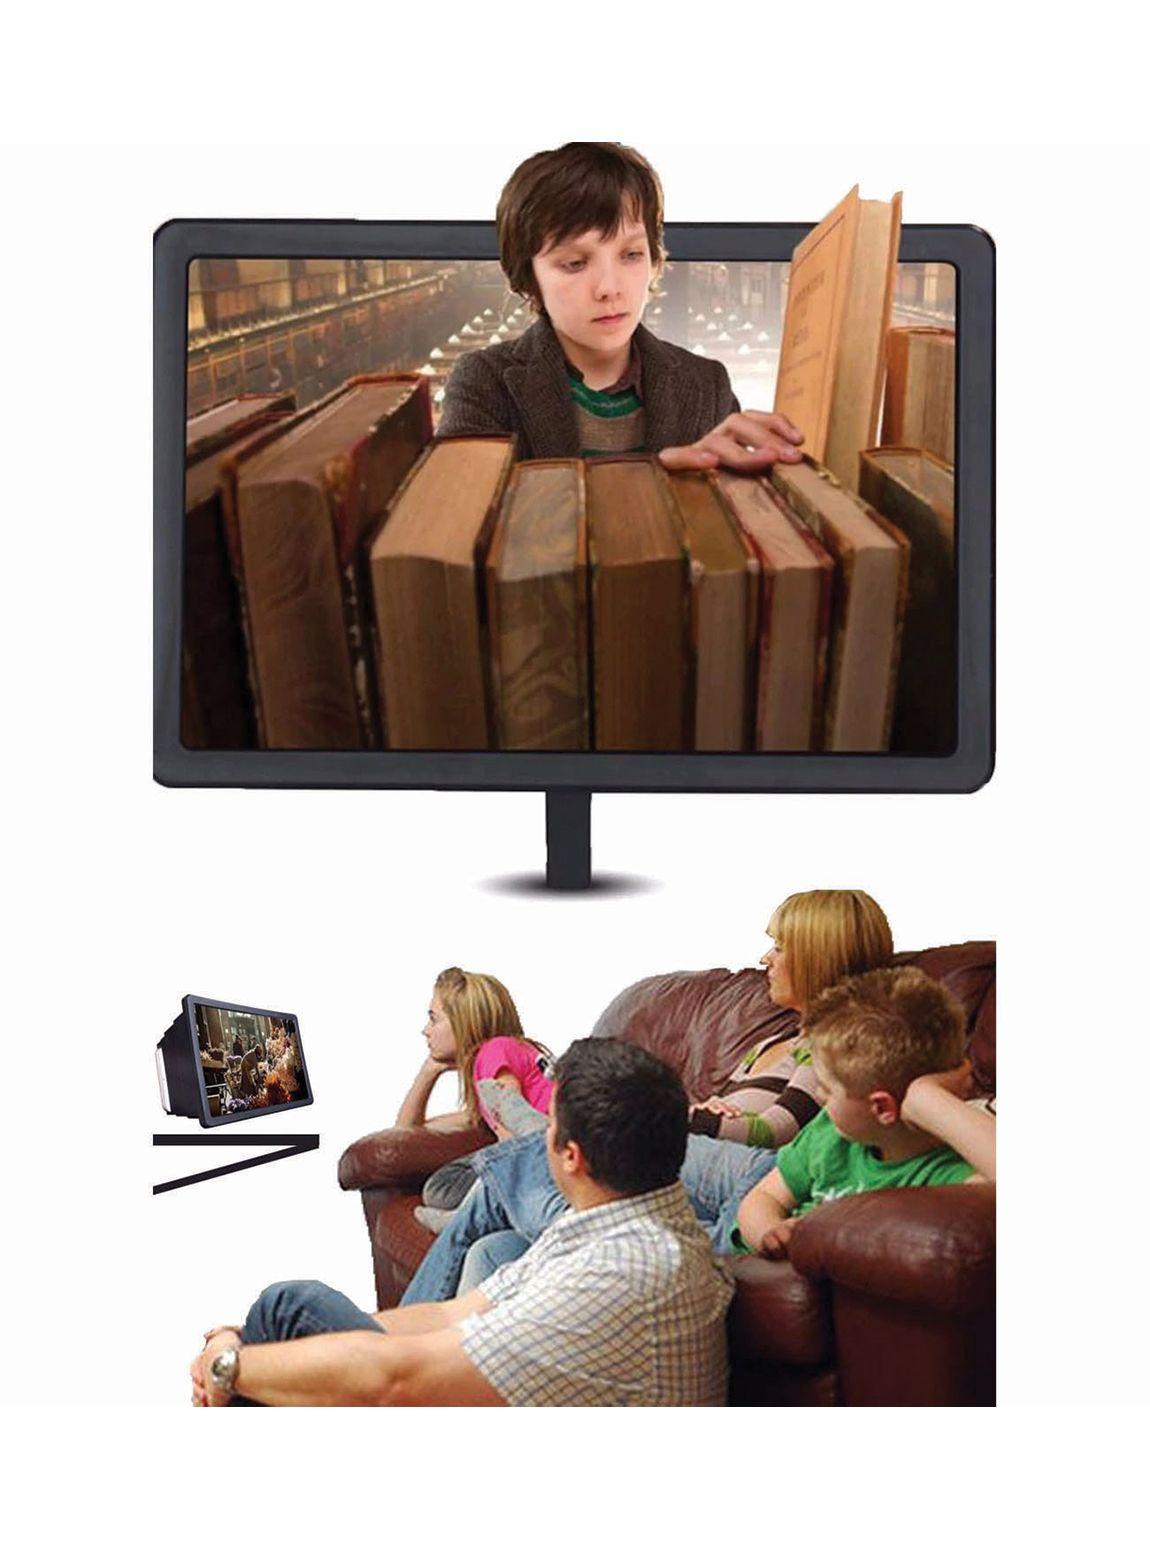 MT9423 Telefon Büyüteci Tüplü Tv Görünümlü